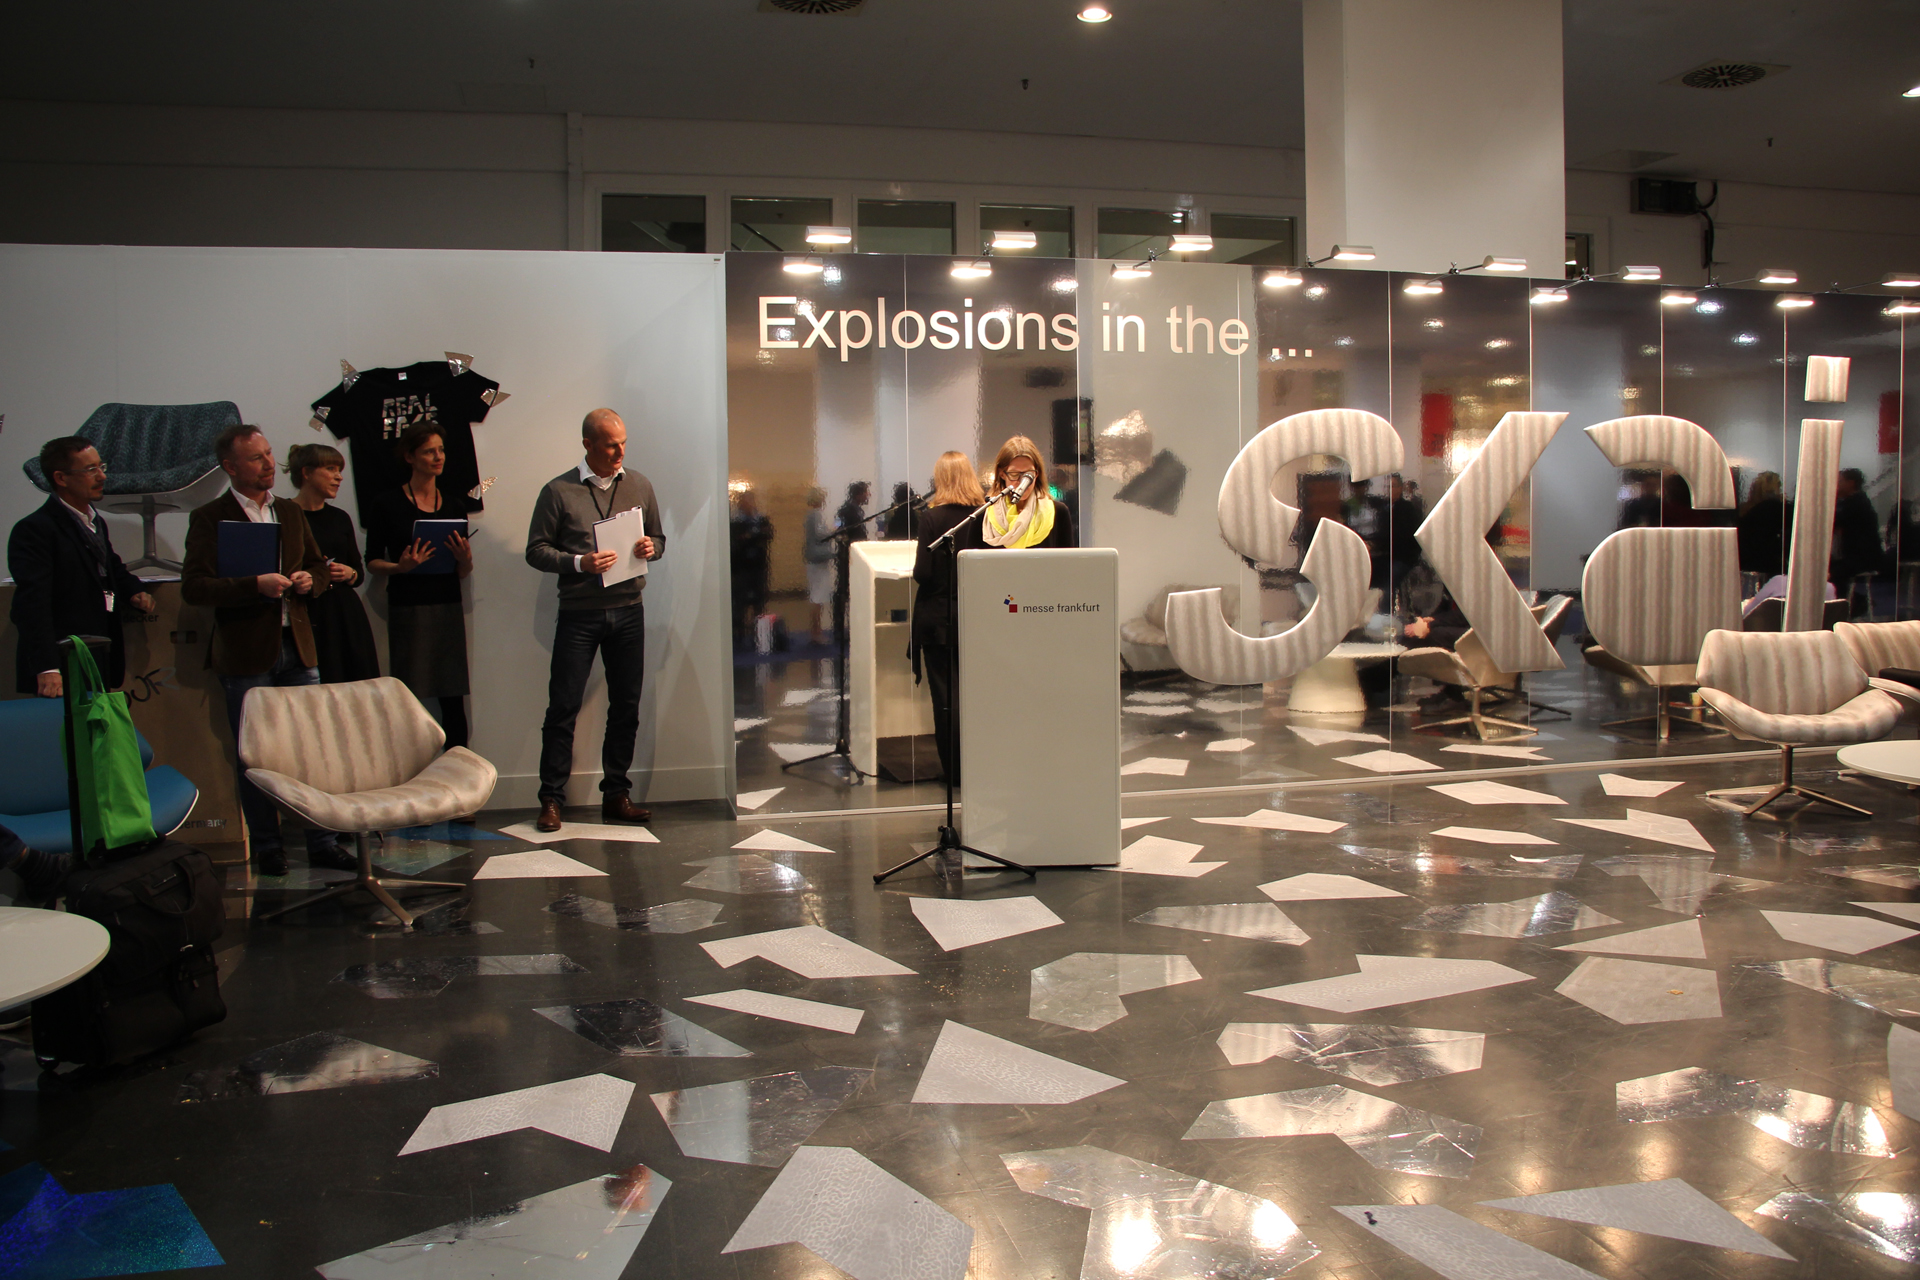 heimtextil messe 2015 - innovationspreis - wandverkleidung ... - Wandgestaltung Trend 2015